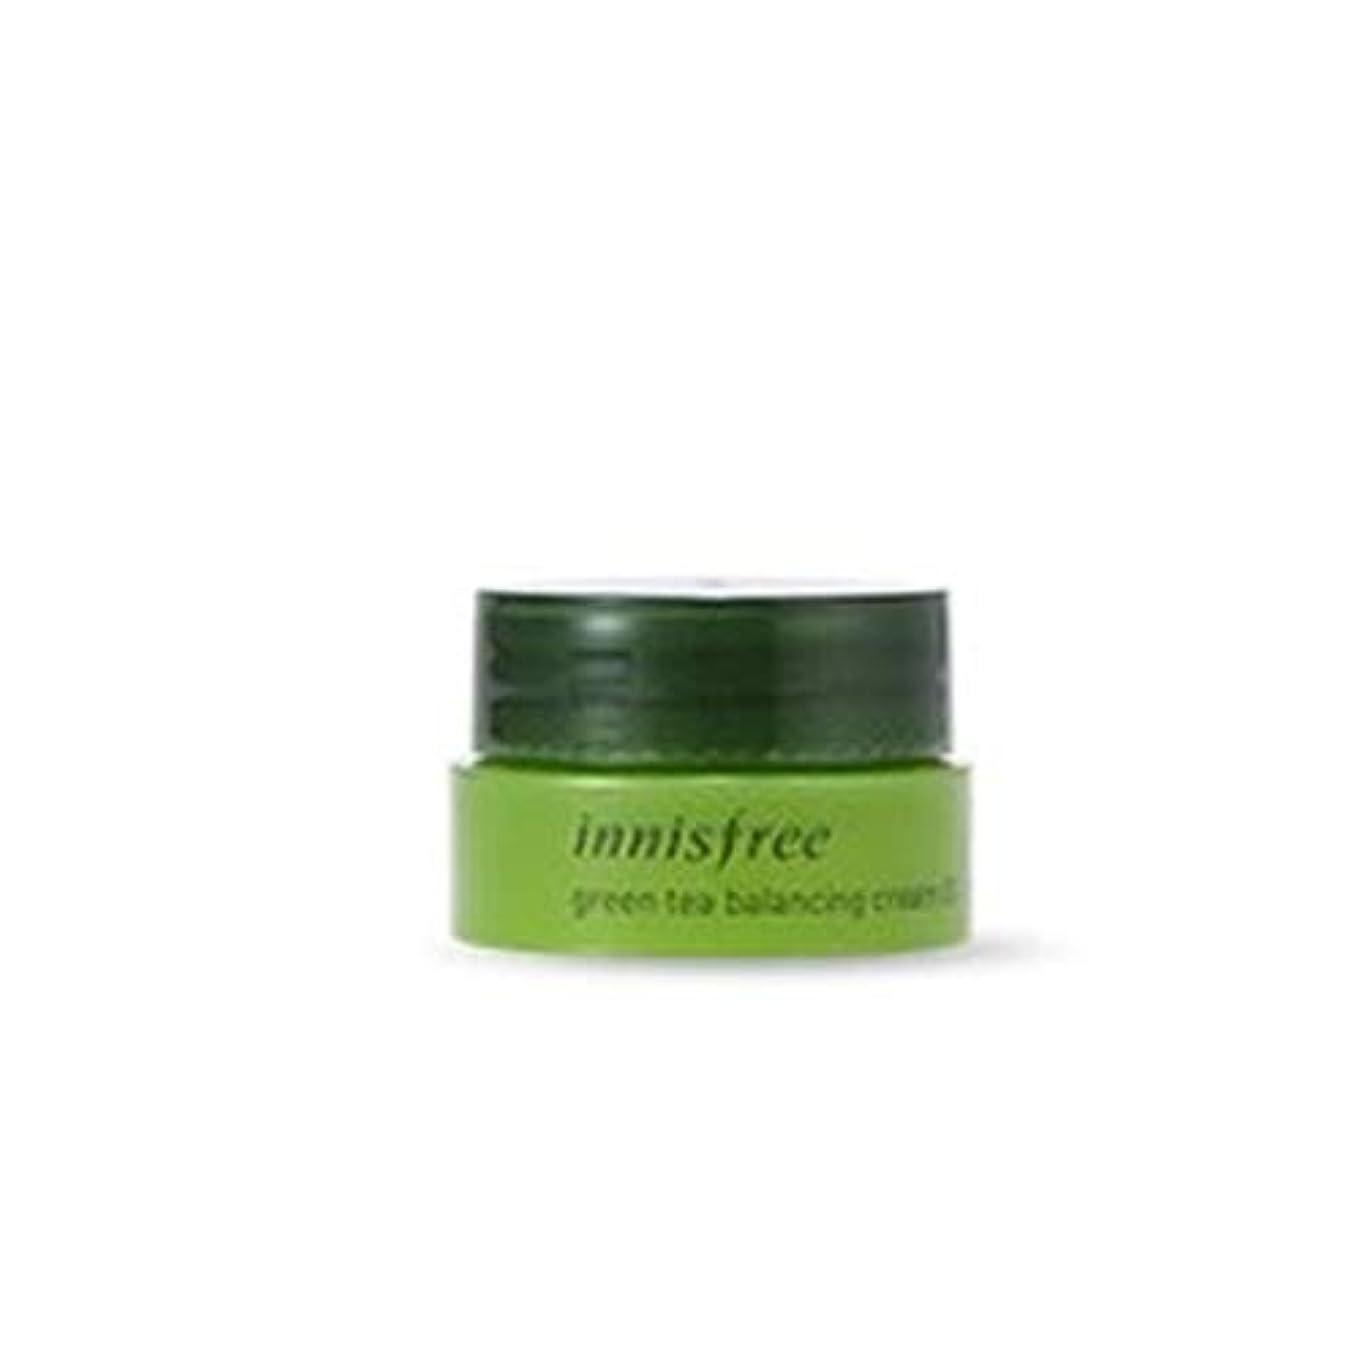 徒歩で観客に向けて出発イニスフリーグリーンティーバランシングスキンケアセットの水分ケア韓国コスメ、innisfree Green Tea Balancing Skin Care Set Korean Cosmetics [並行輸入品]